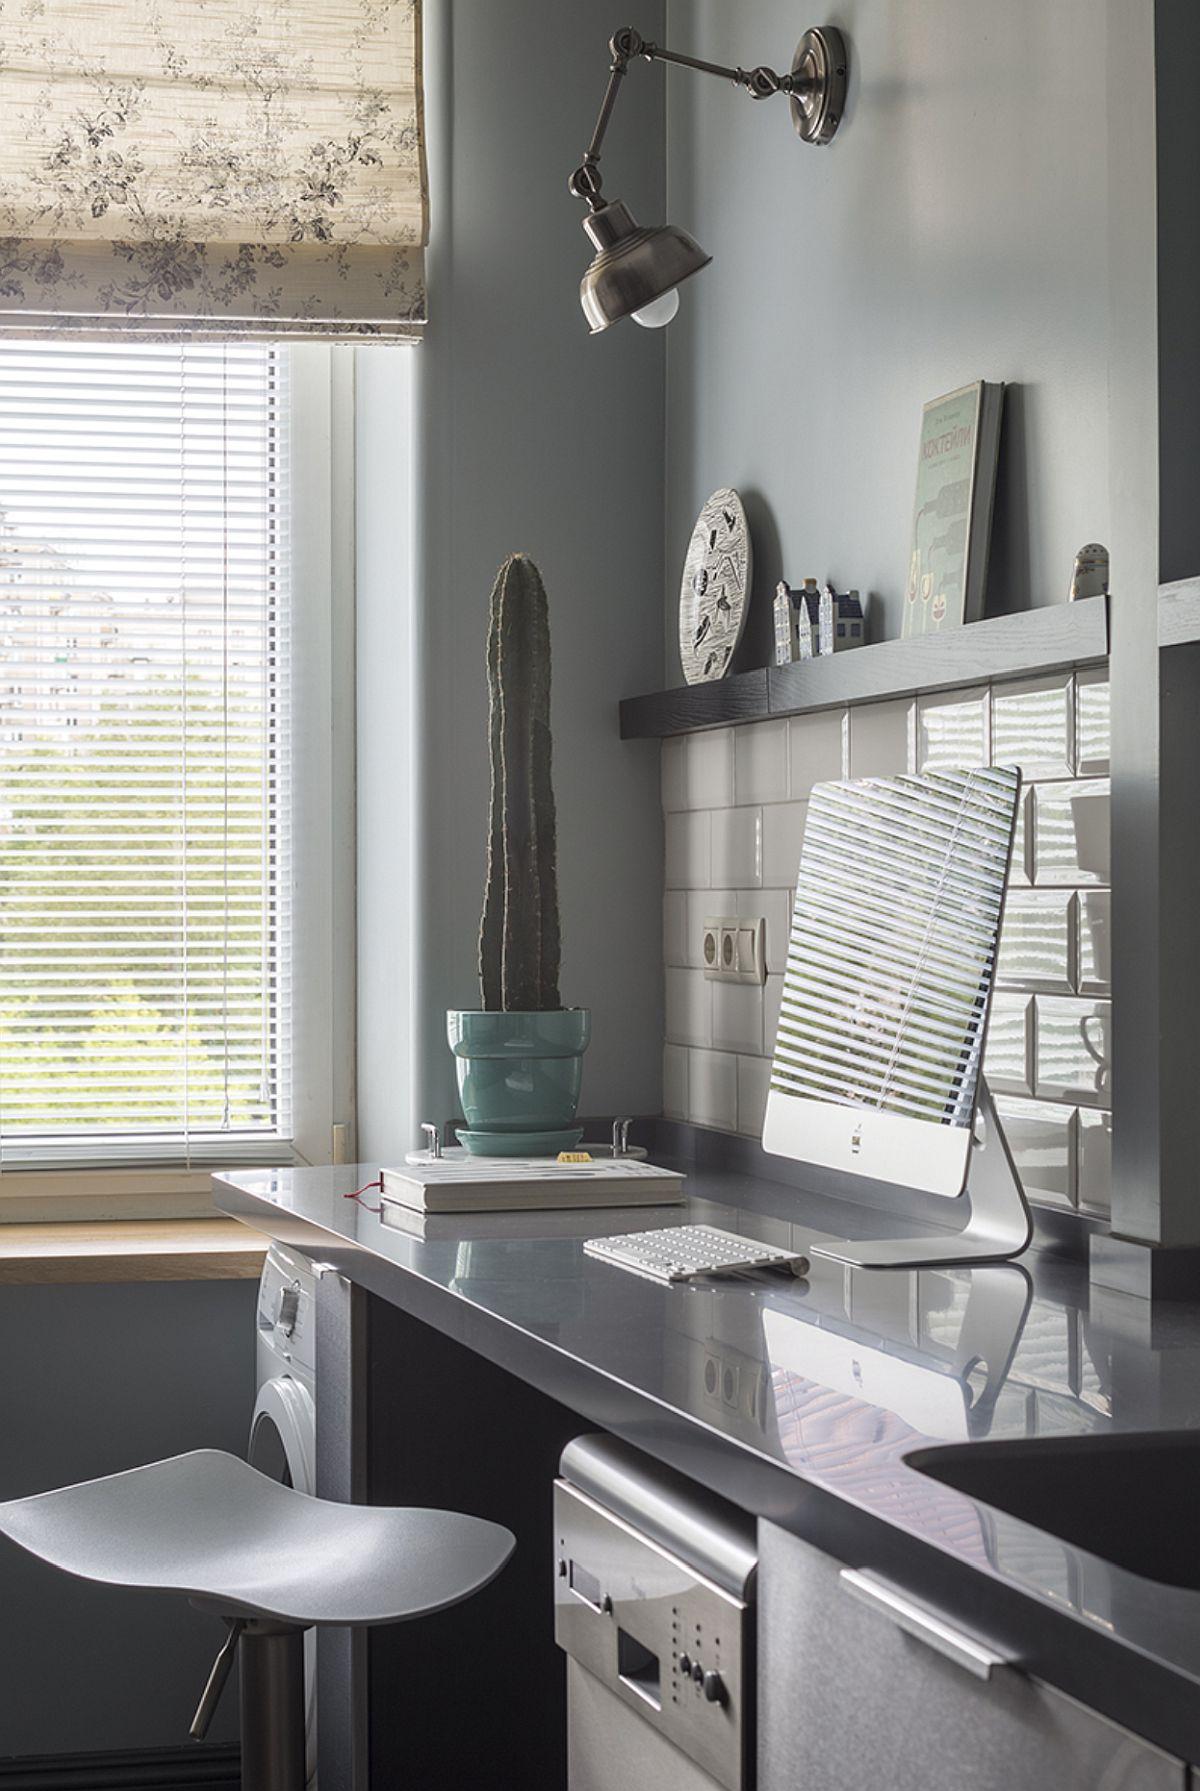 Către fereastra bucătăriei, a fost configurat și un loc de ședere cu scaune reglabile de tip bar.